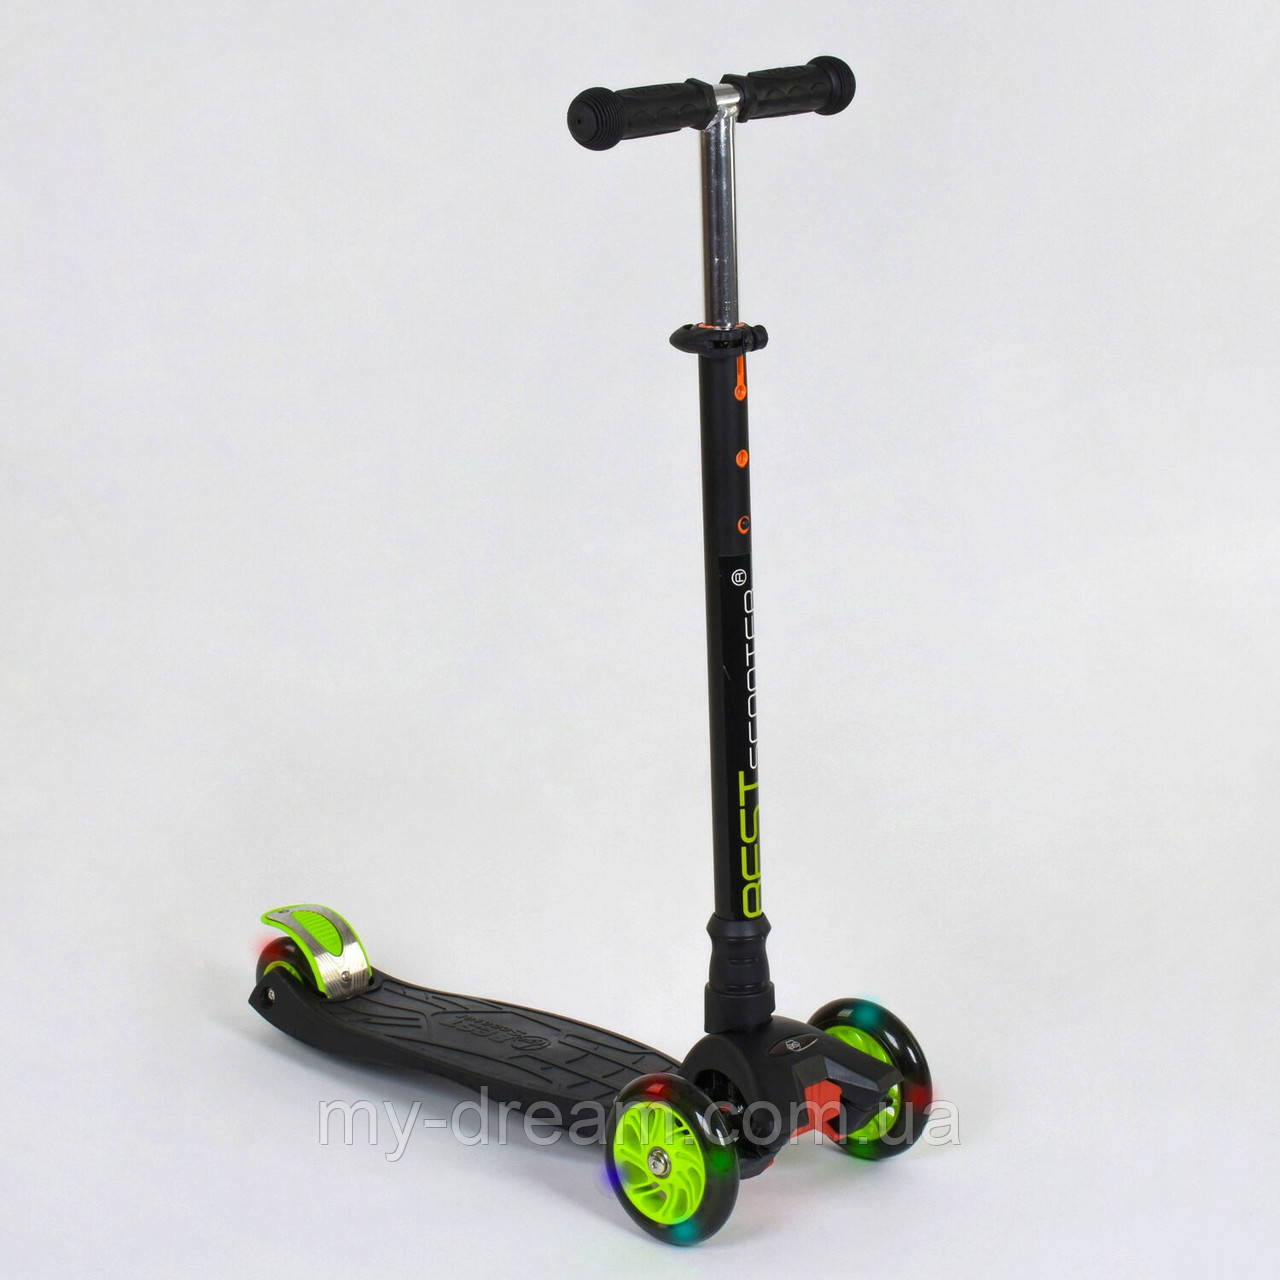 Самокат триколісний Best Scooter Maxi 466-113 / А 24144 Чорний